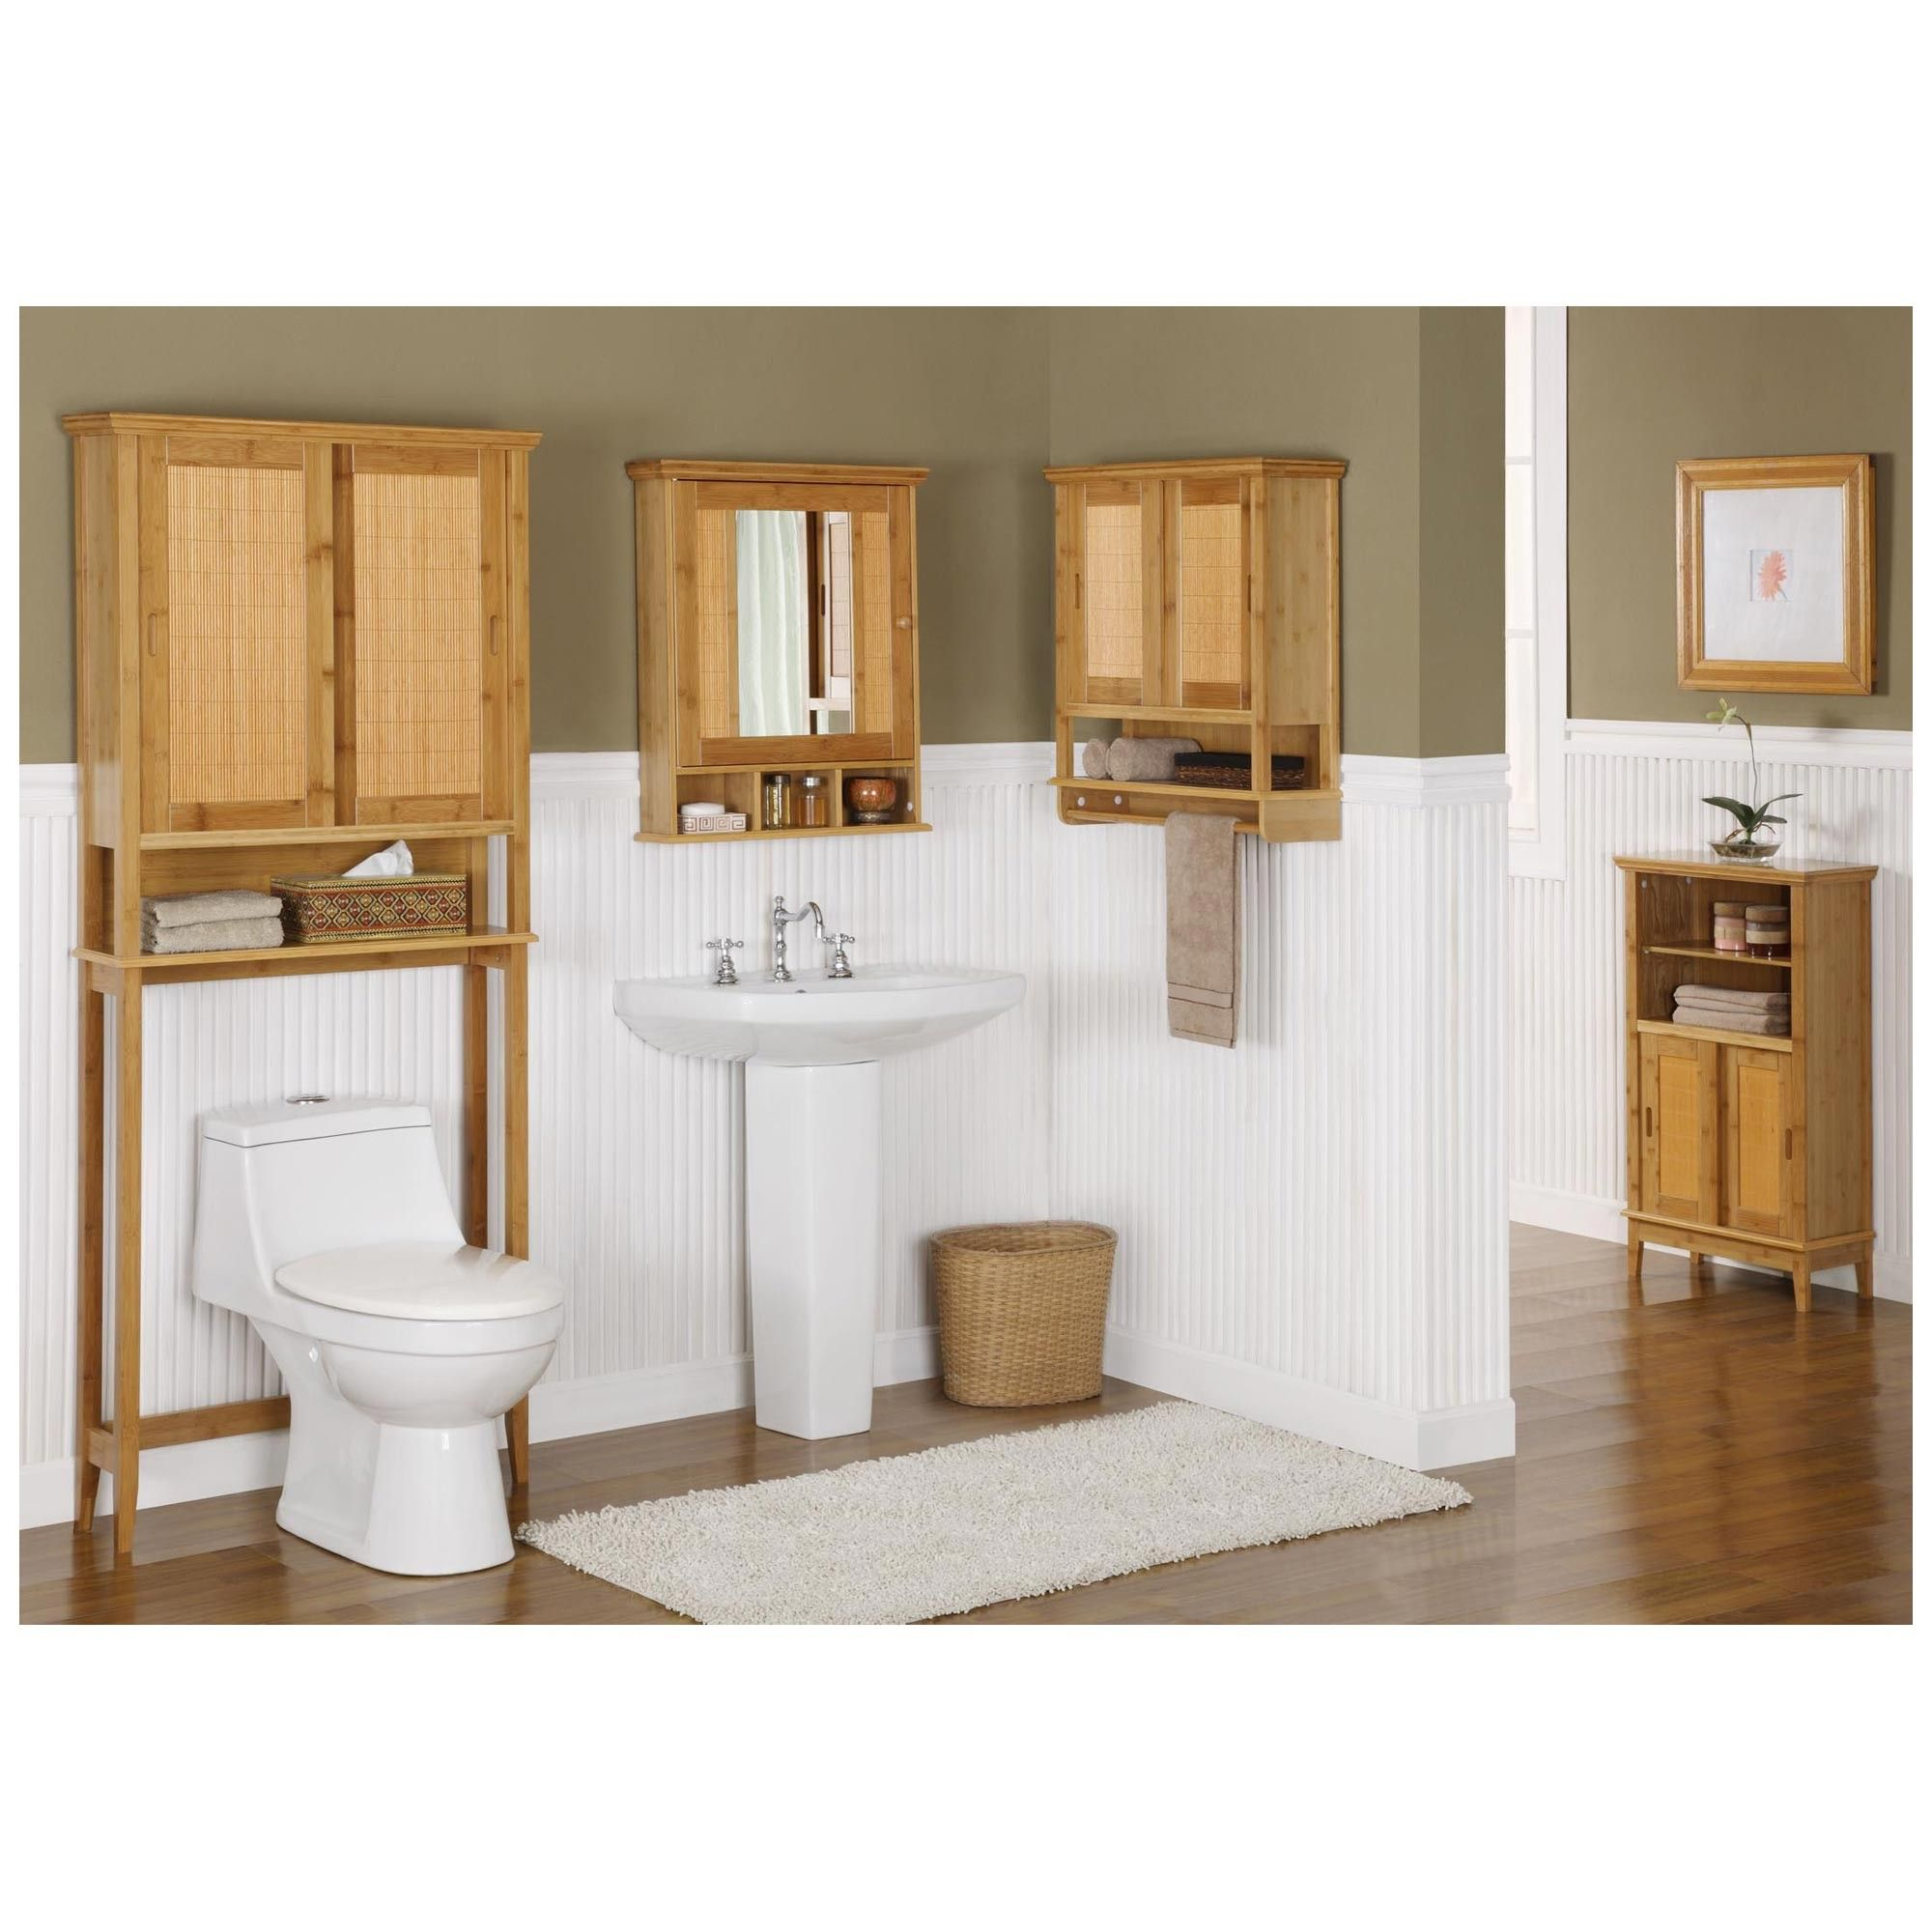 Pedestal Sink Storage Home Depot | Bath | Pinterest | Pedestal sink ...